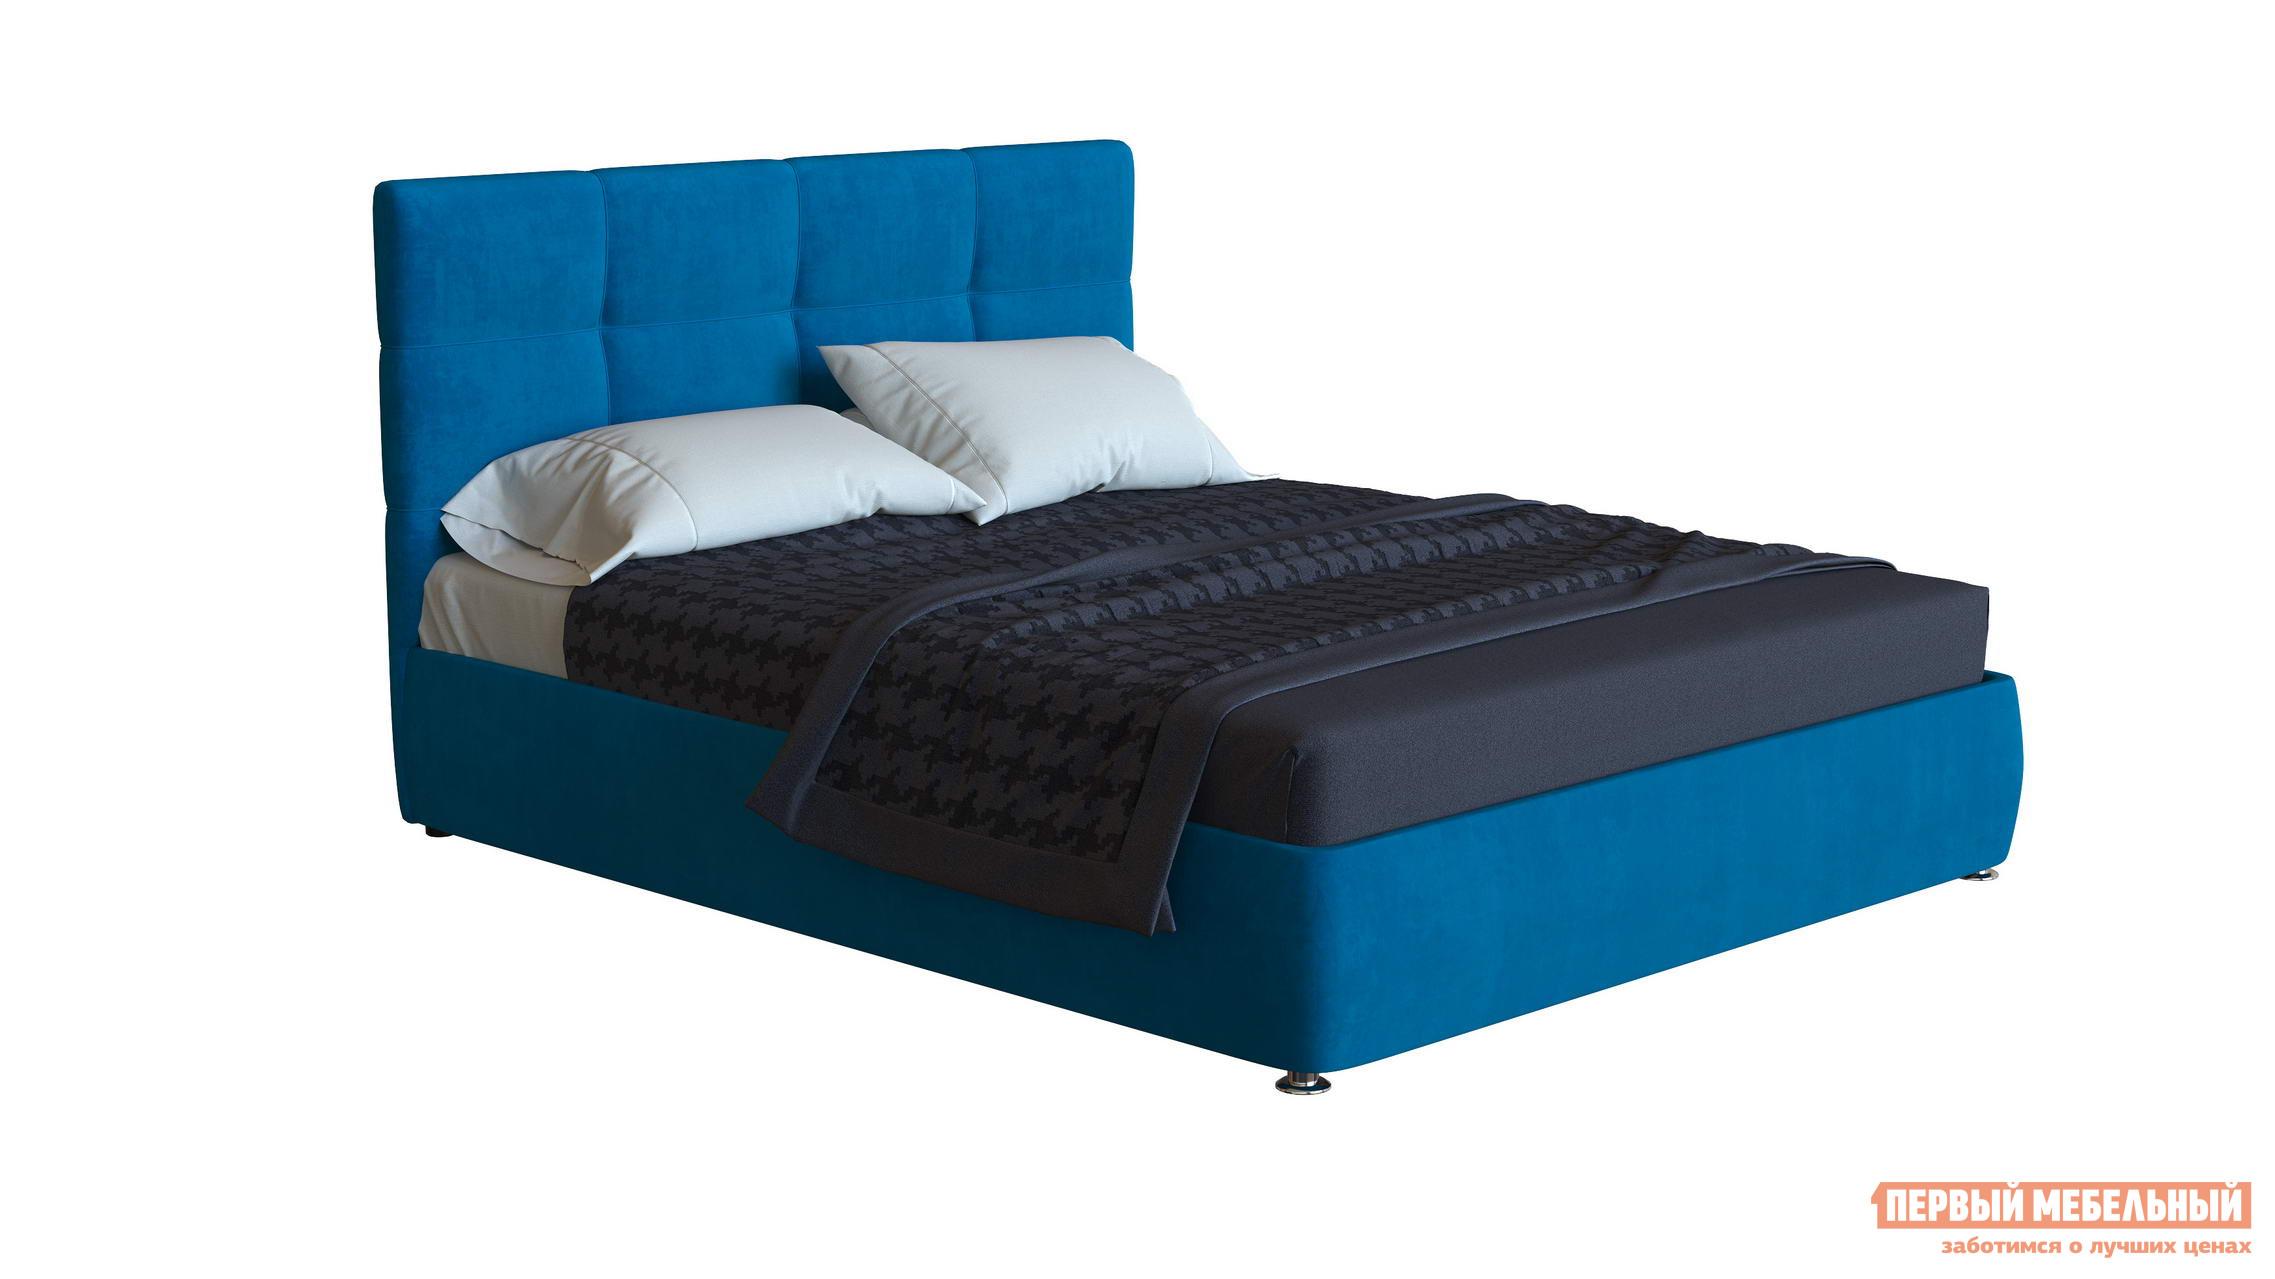 Двуспальная кровать Первый Мебельный Кровать Варна 140х200, 160х200, 180х200 двуспальная кровать первый мебельный кровать мерлен 140х200 160х200 180х200